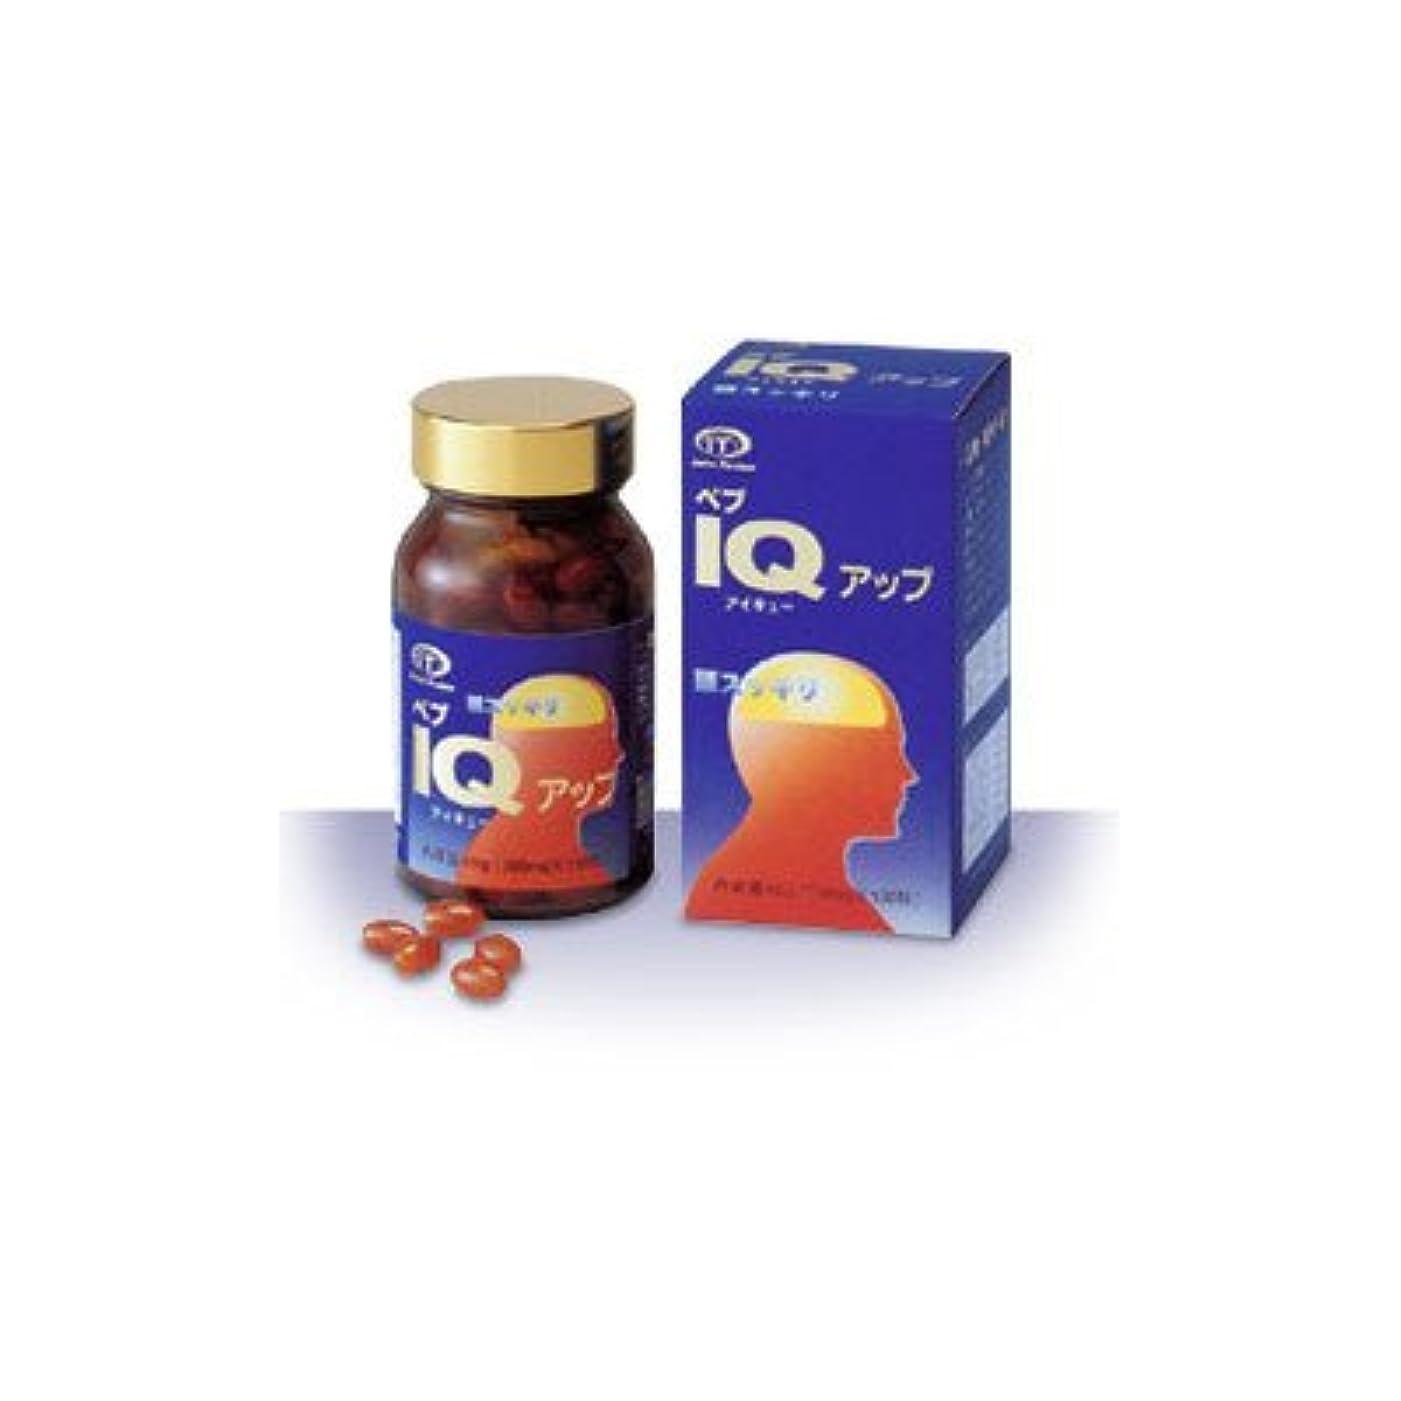 抑制連邦可決ペプIQアップ(健脳食品) (150粒) 2箱